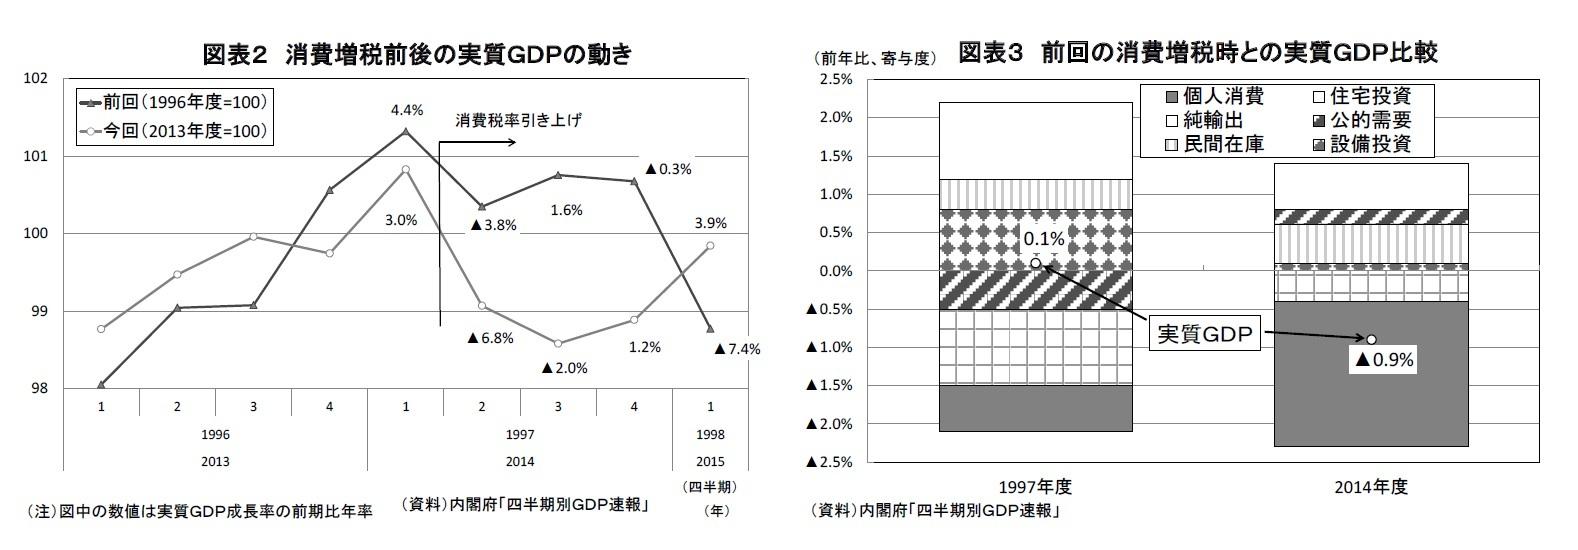 図表2 消費増税前後の実質GDPの動き/図表3 前回の消費増税時との実質GDP比較